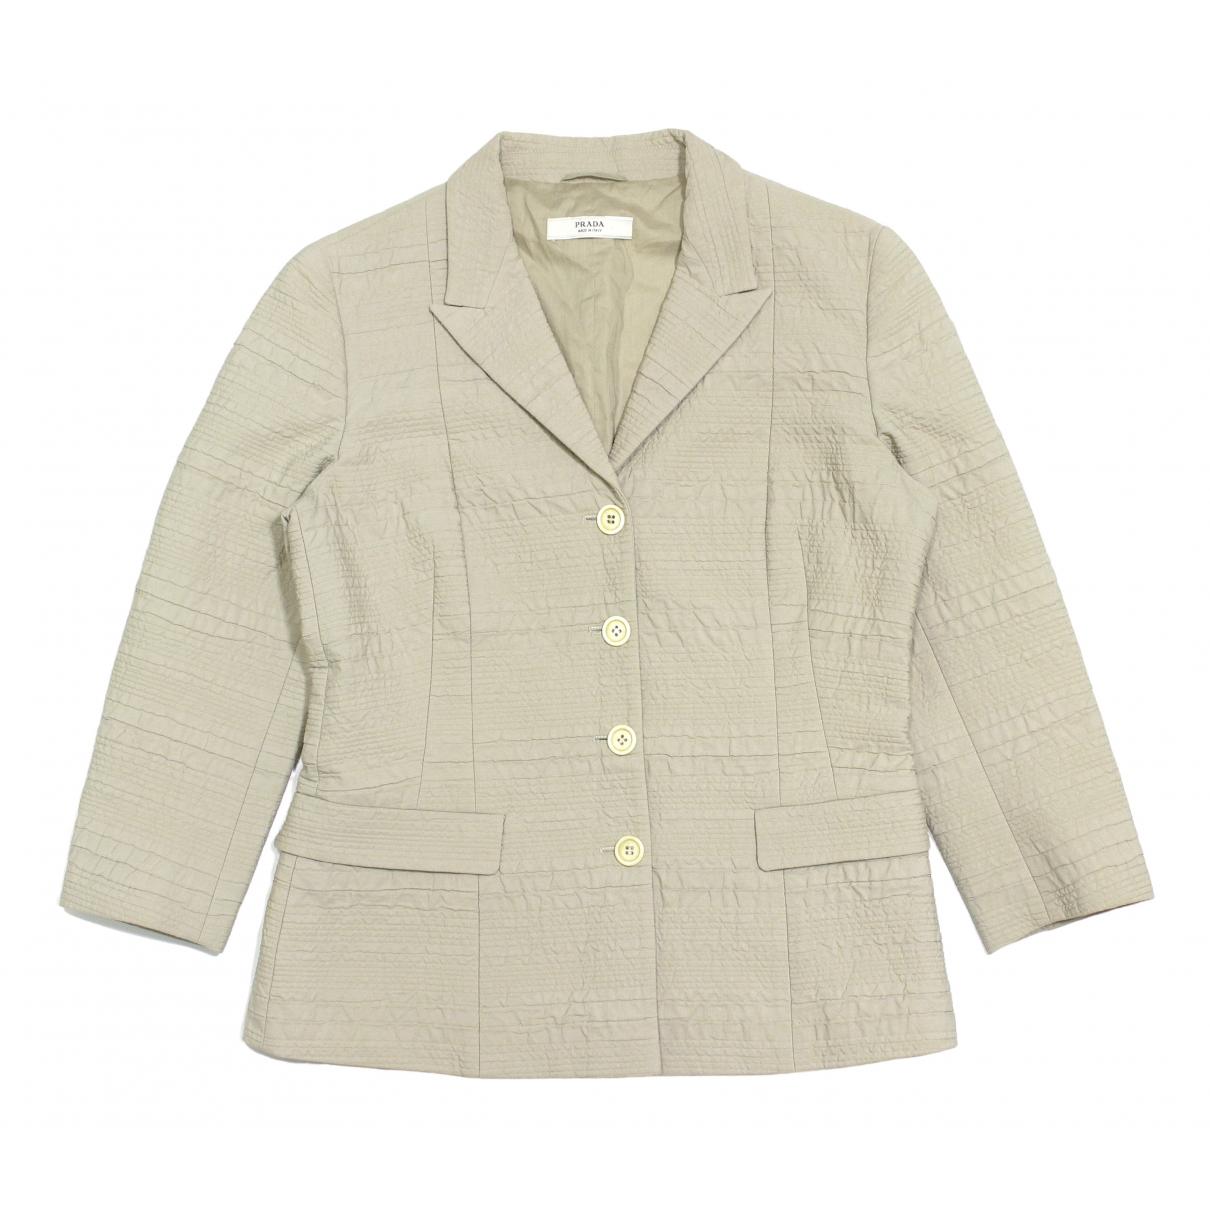 Prada \N Beige Cotton jacket for Women 46 IT